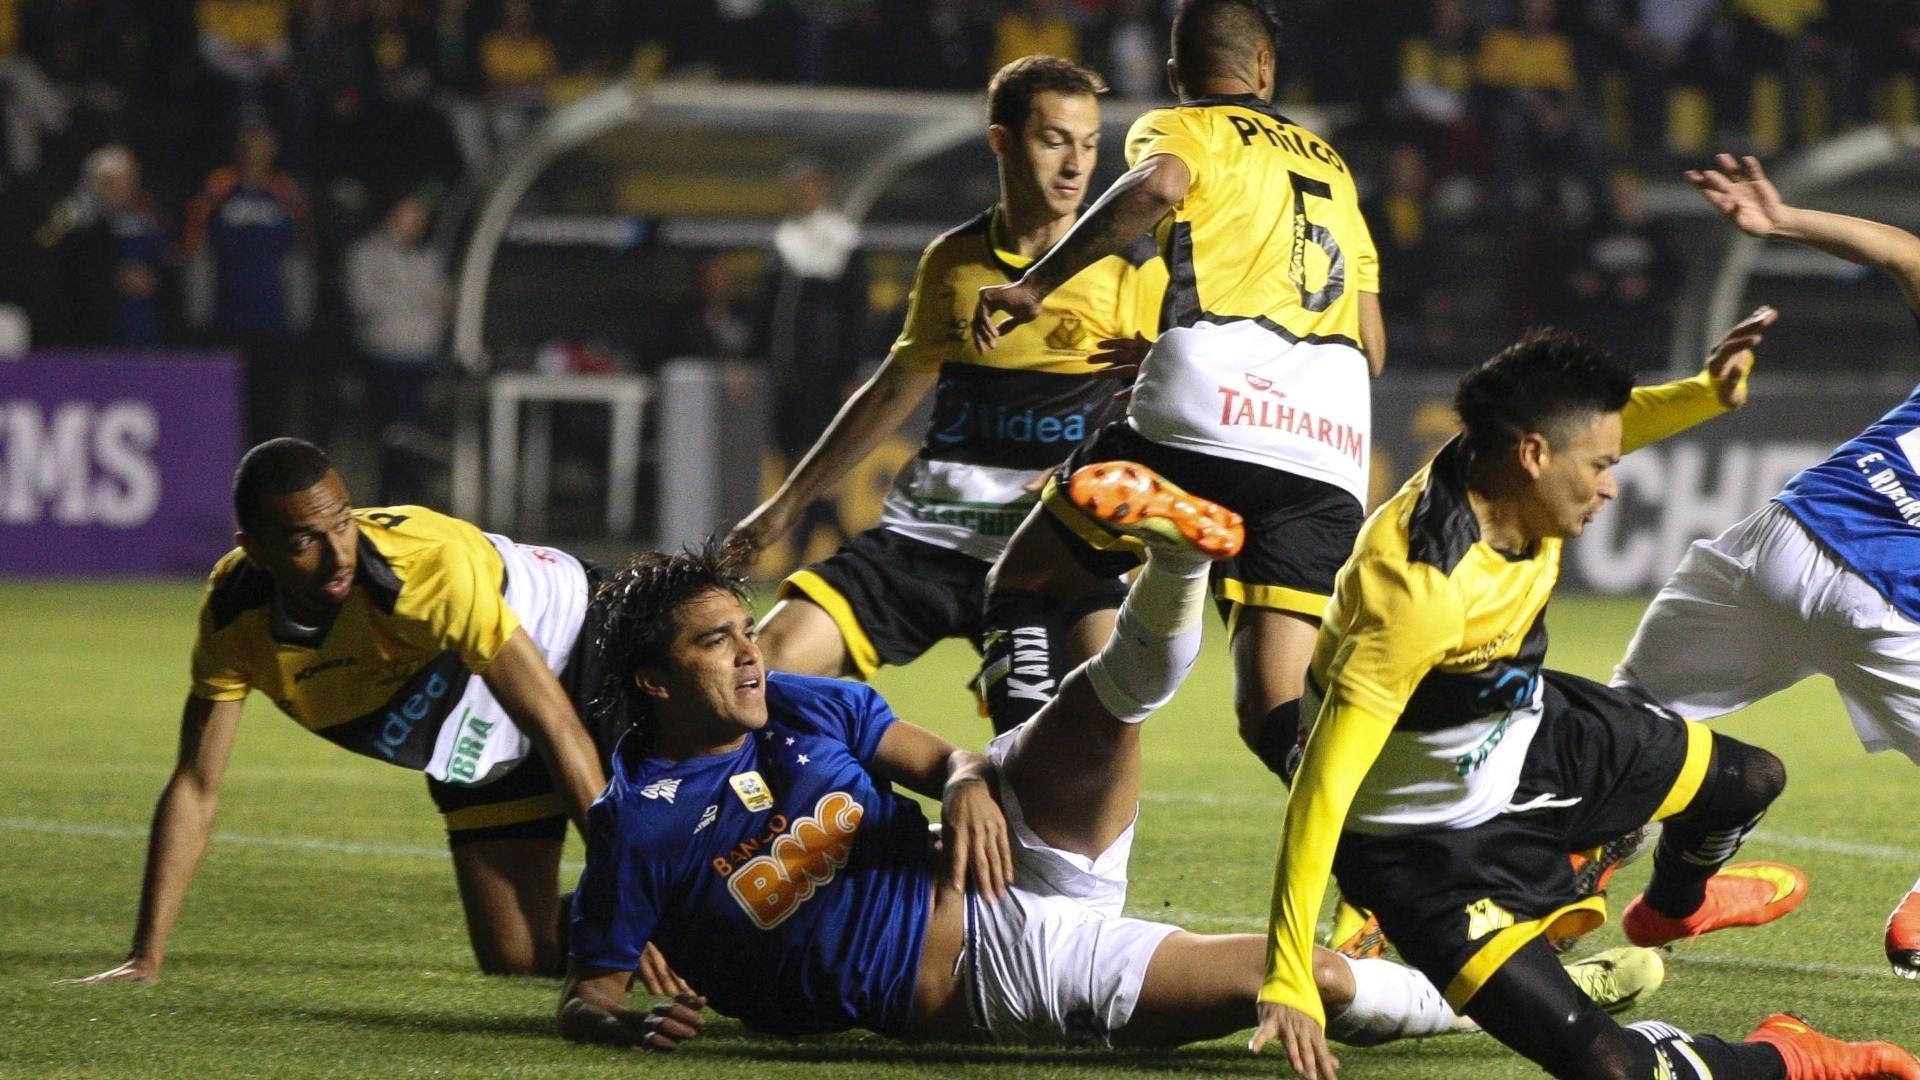 Marcelo Moreno cai em meio a diversos jogadores do Criciúma em jogo fora de casa do Cruzeiro